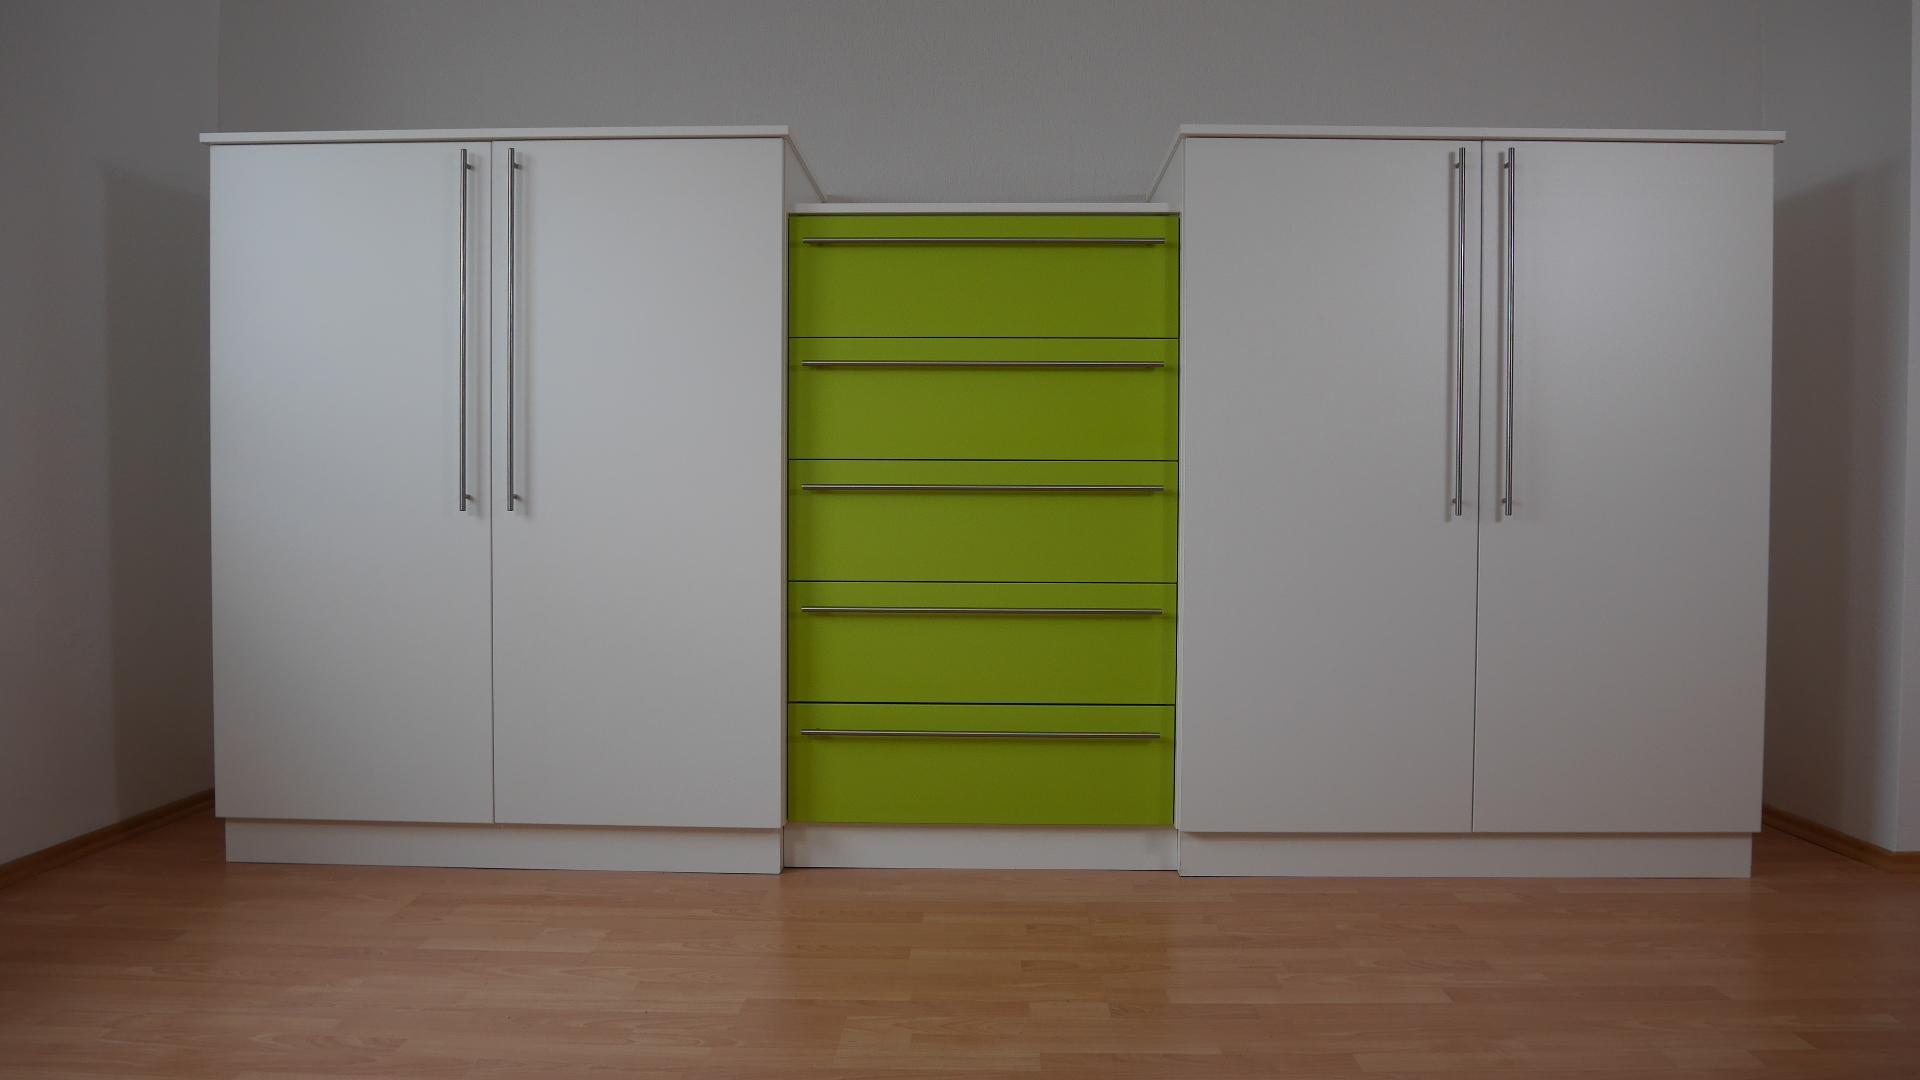 gro z gig niedrige kleiderschr nke ideen die kinderzimmer design ideen. Black Bedroom Furniture Sets. Home Design Ideas